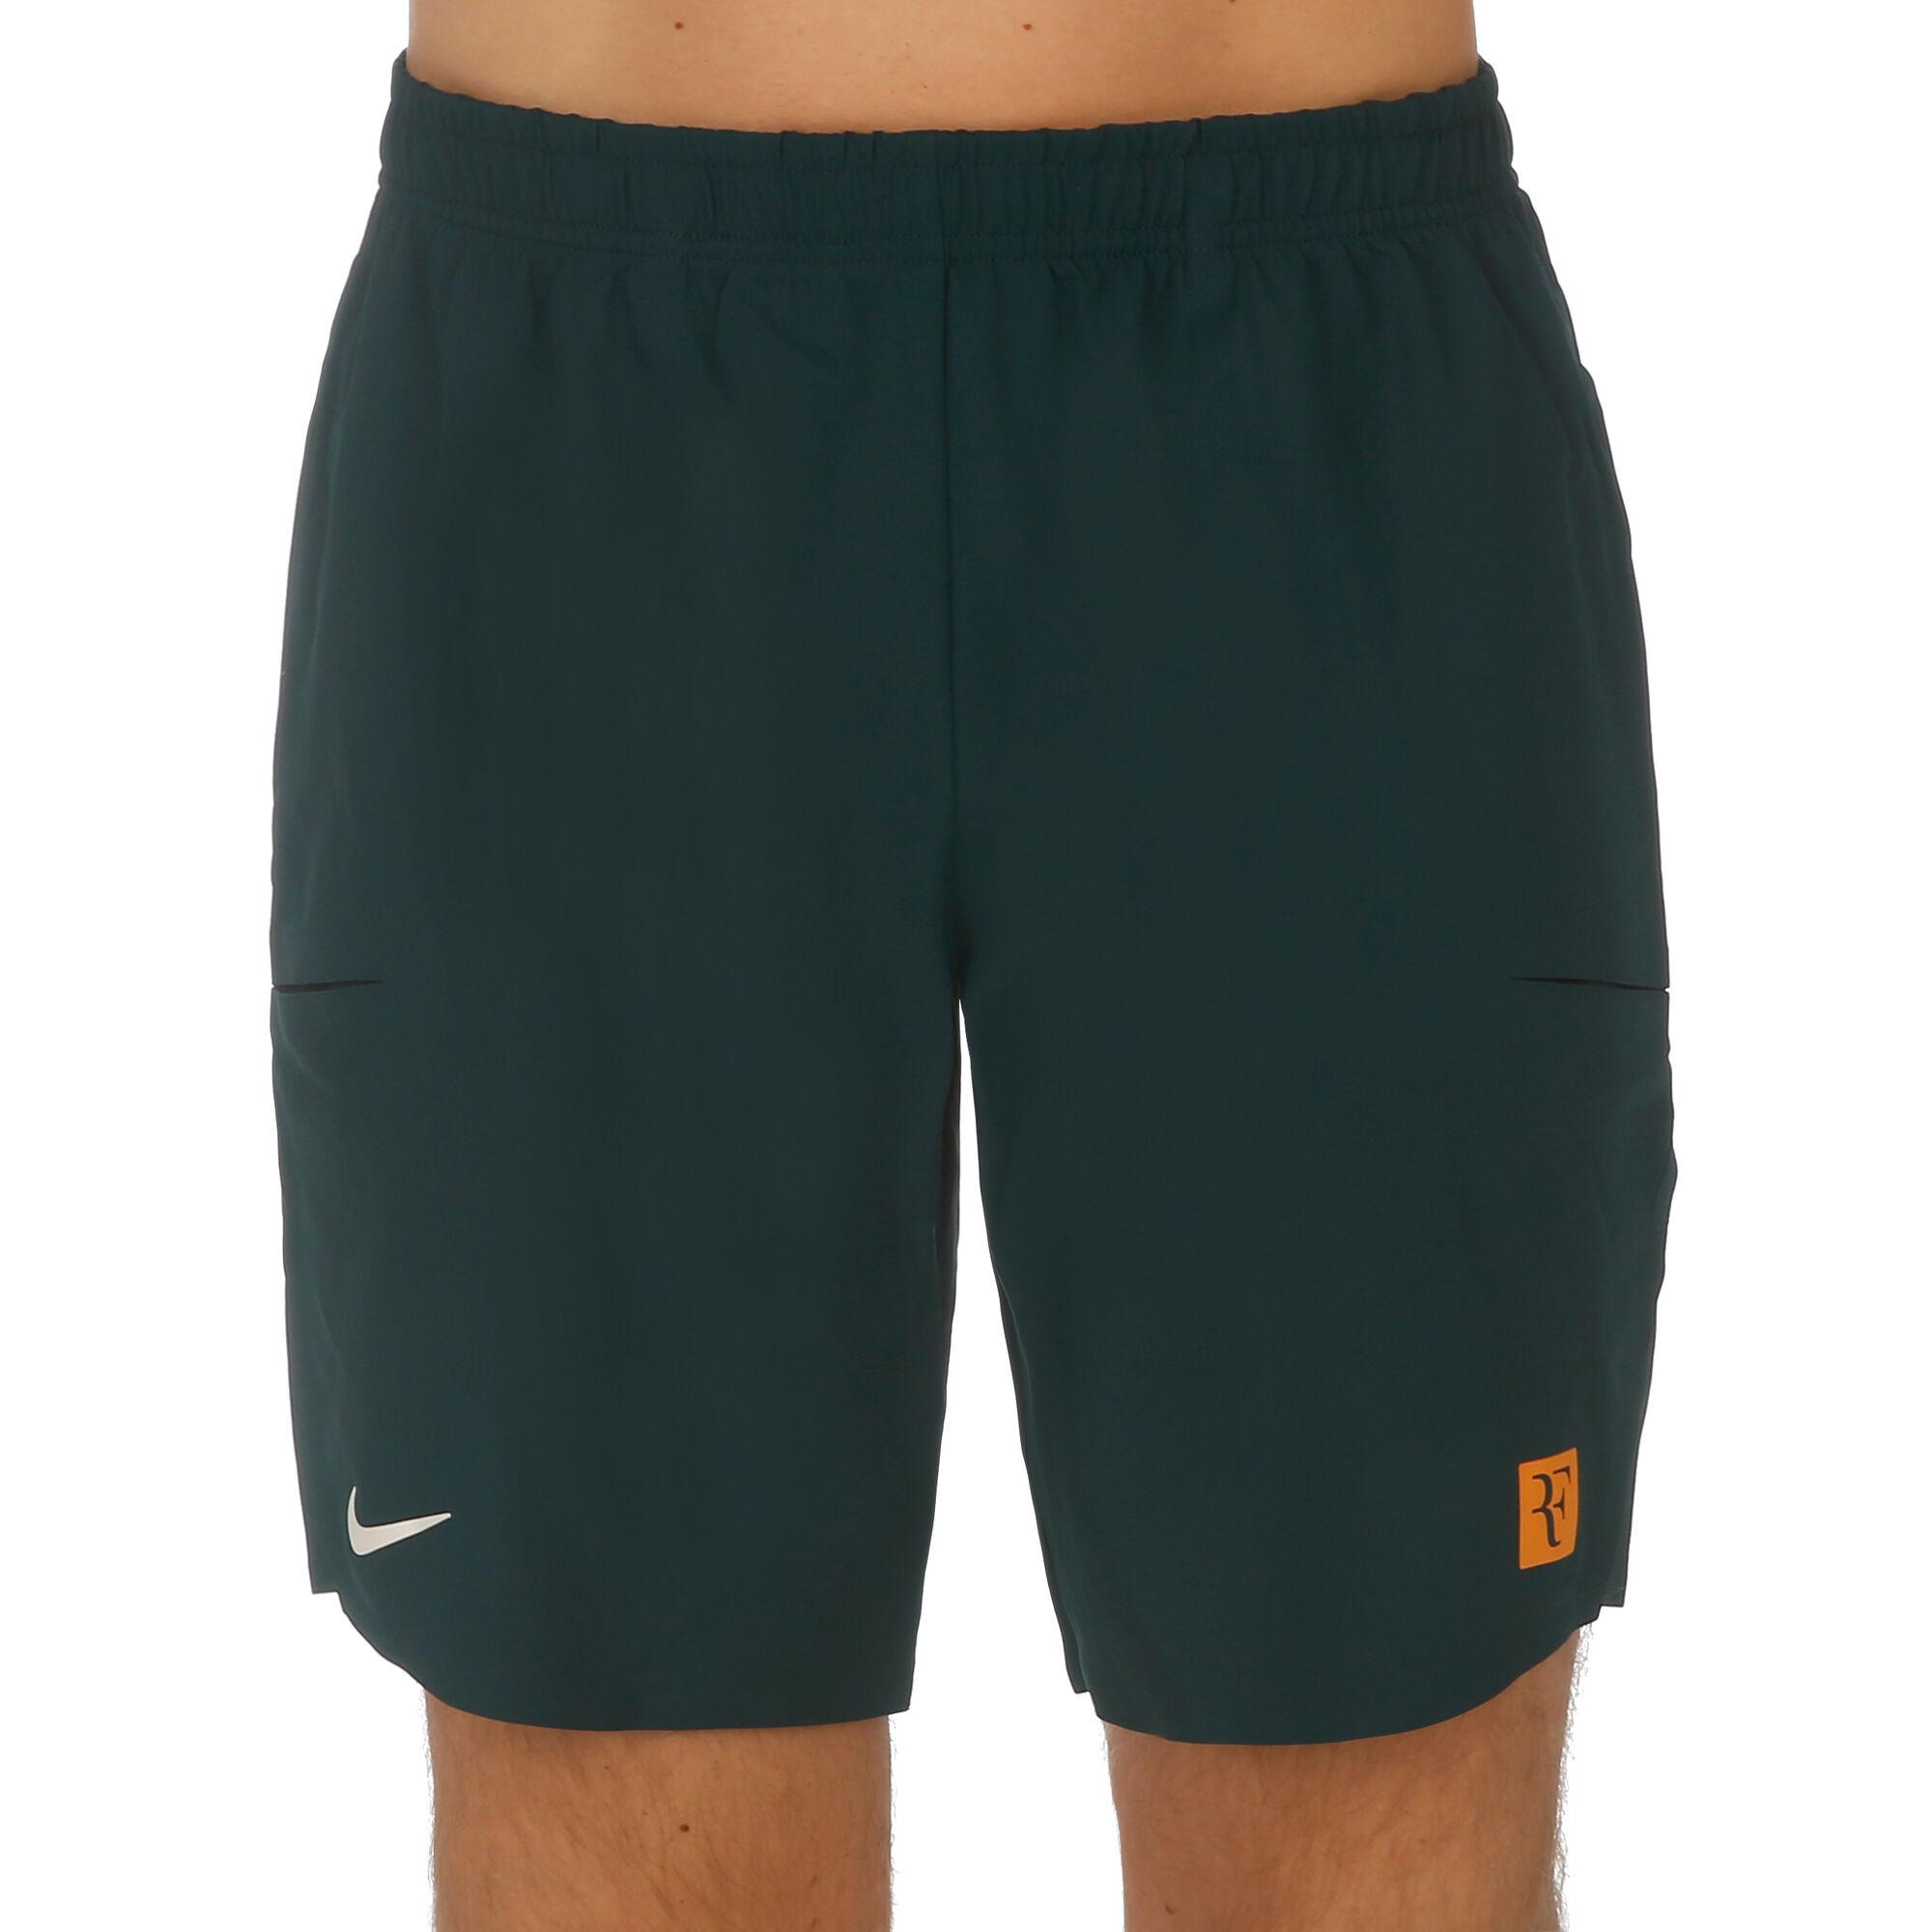 2056b521b5c Nike Roger Federer Court Flex Ace Šortky Muži - Petrolejová ...